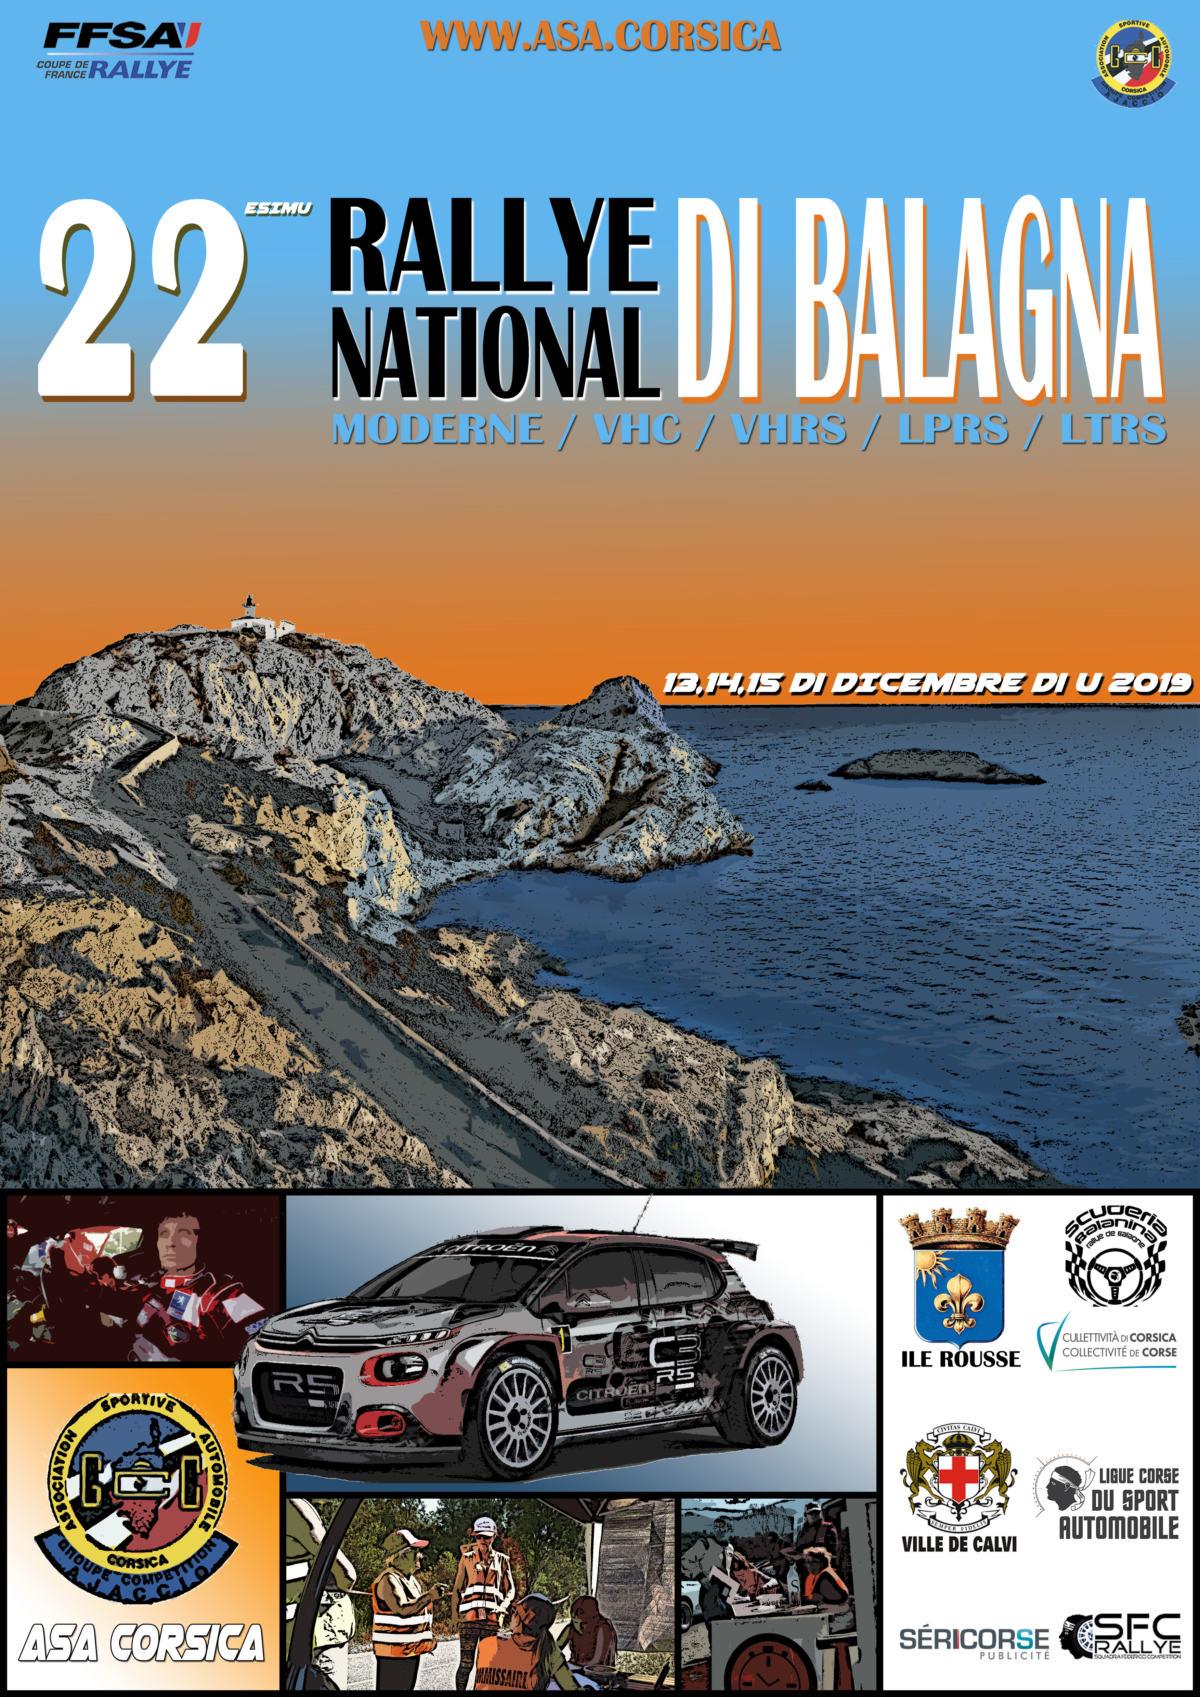 Rallye-Balagne-2019.jpg